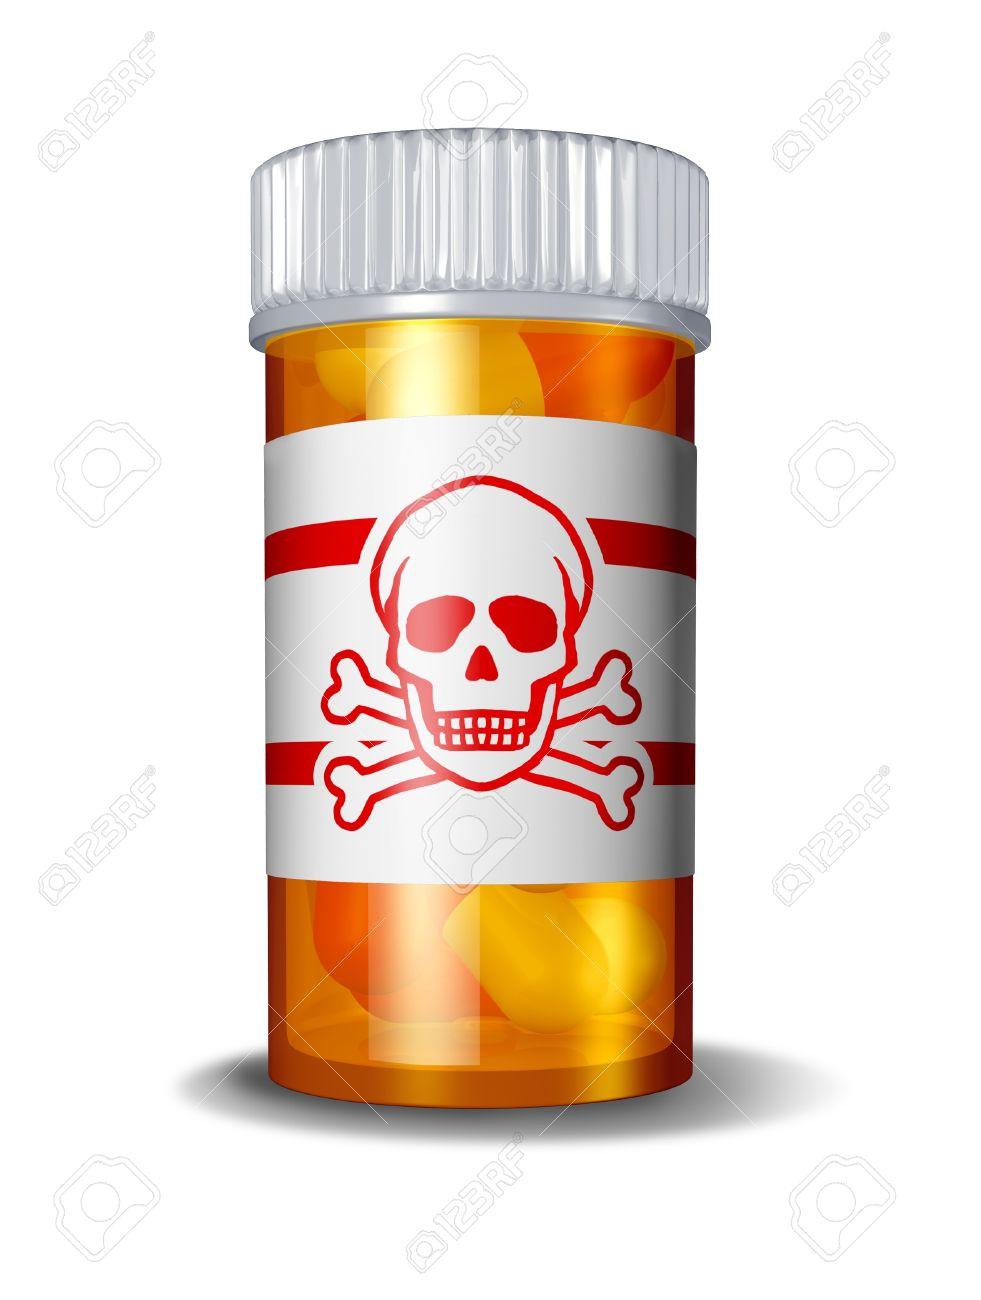 Dangerous Prescription Drugs Due To Hazerdous Overdose Of.